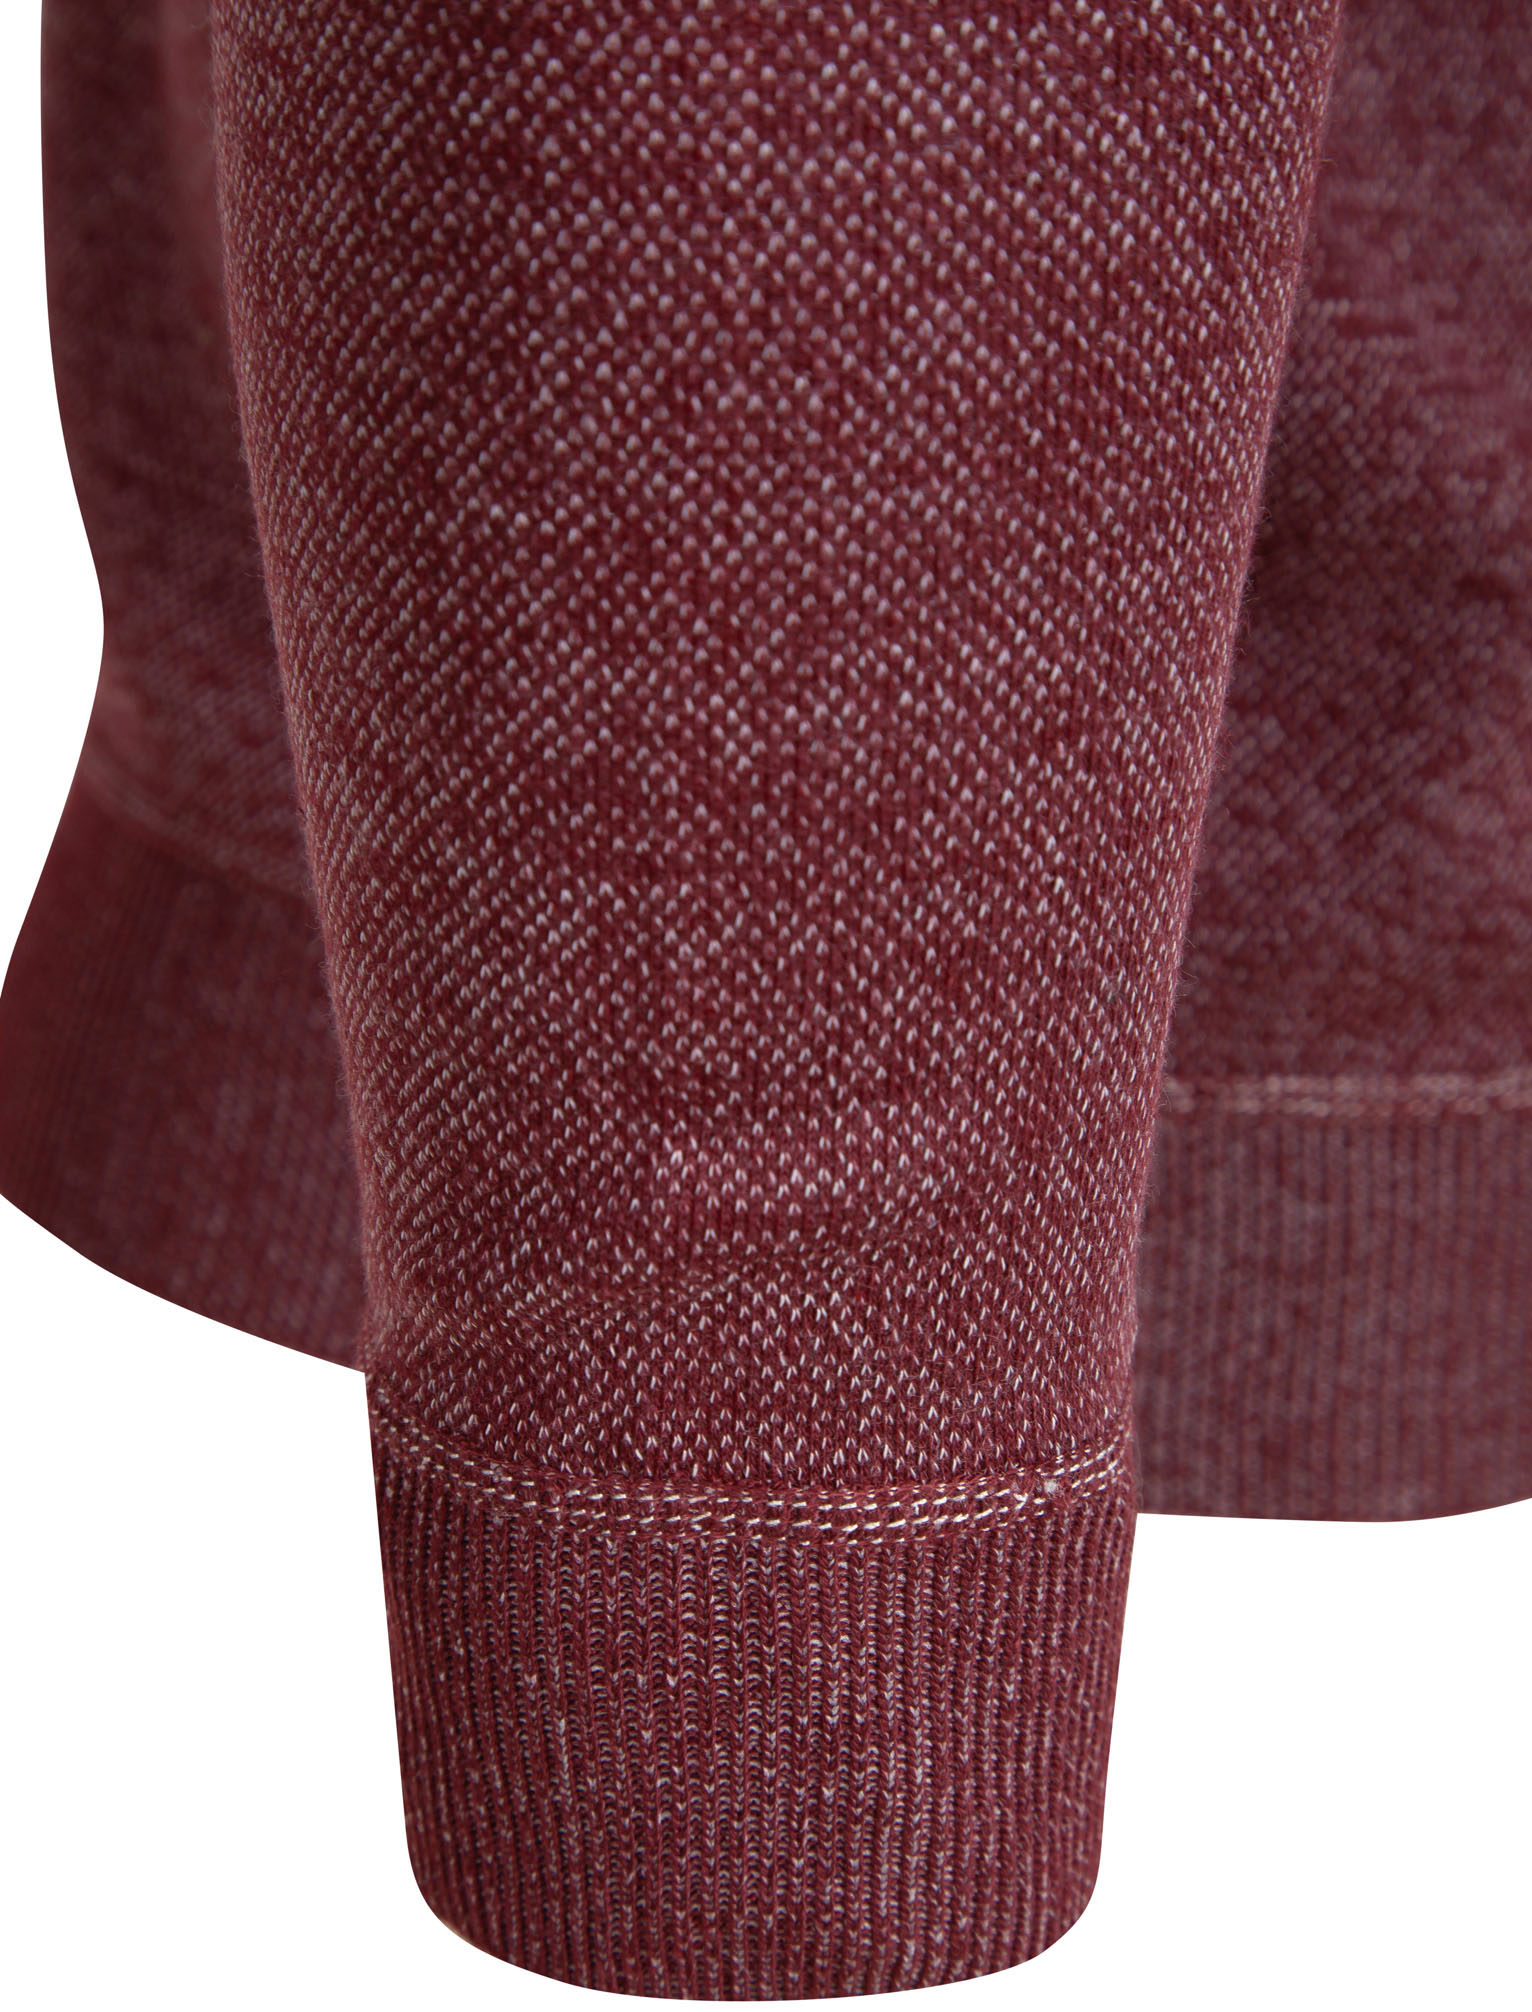 Kensington-Eastside-Men-039-s-Knitted-Crew-or-V-Neck-Jumper-Sweater-Top-Pullover thumbnail 63